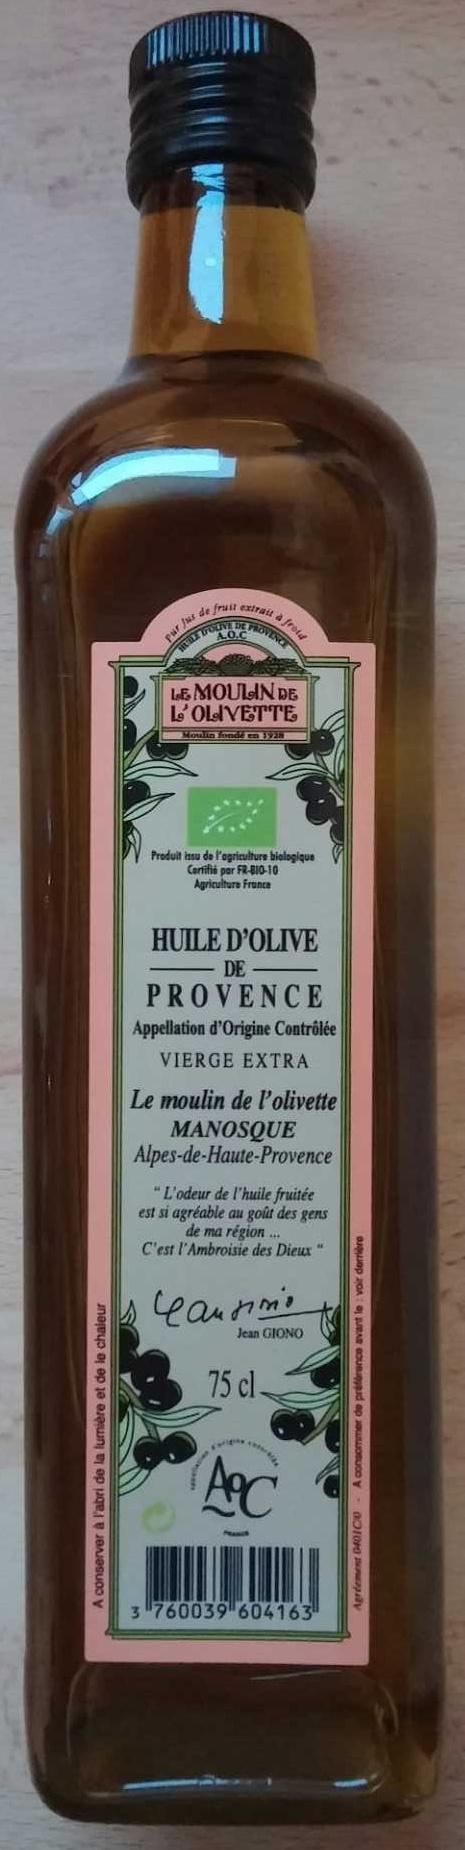 Huile d 39 olive de provence le moulin de l 39 olivette 75 cl for Huile d olive salon de provence